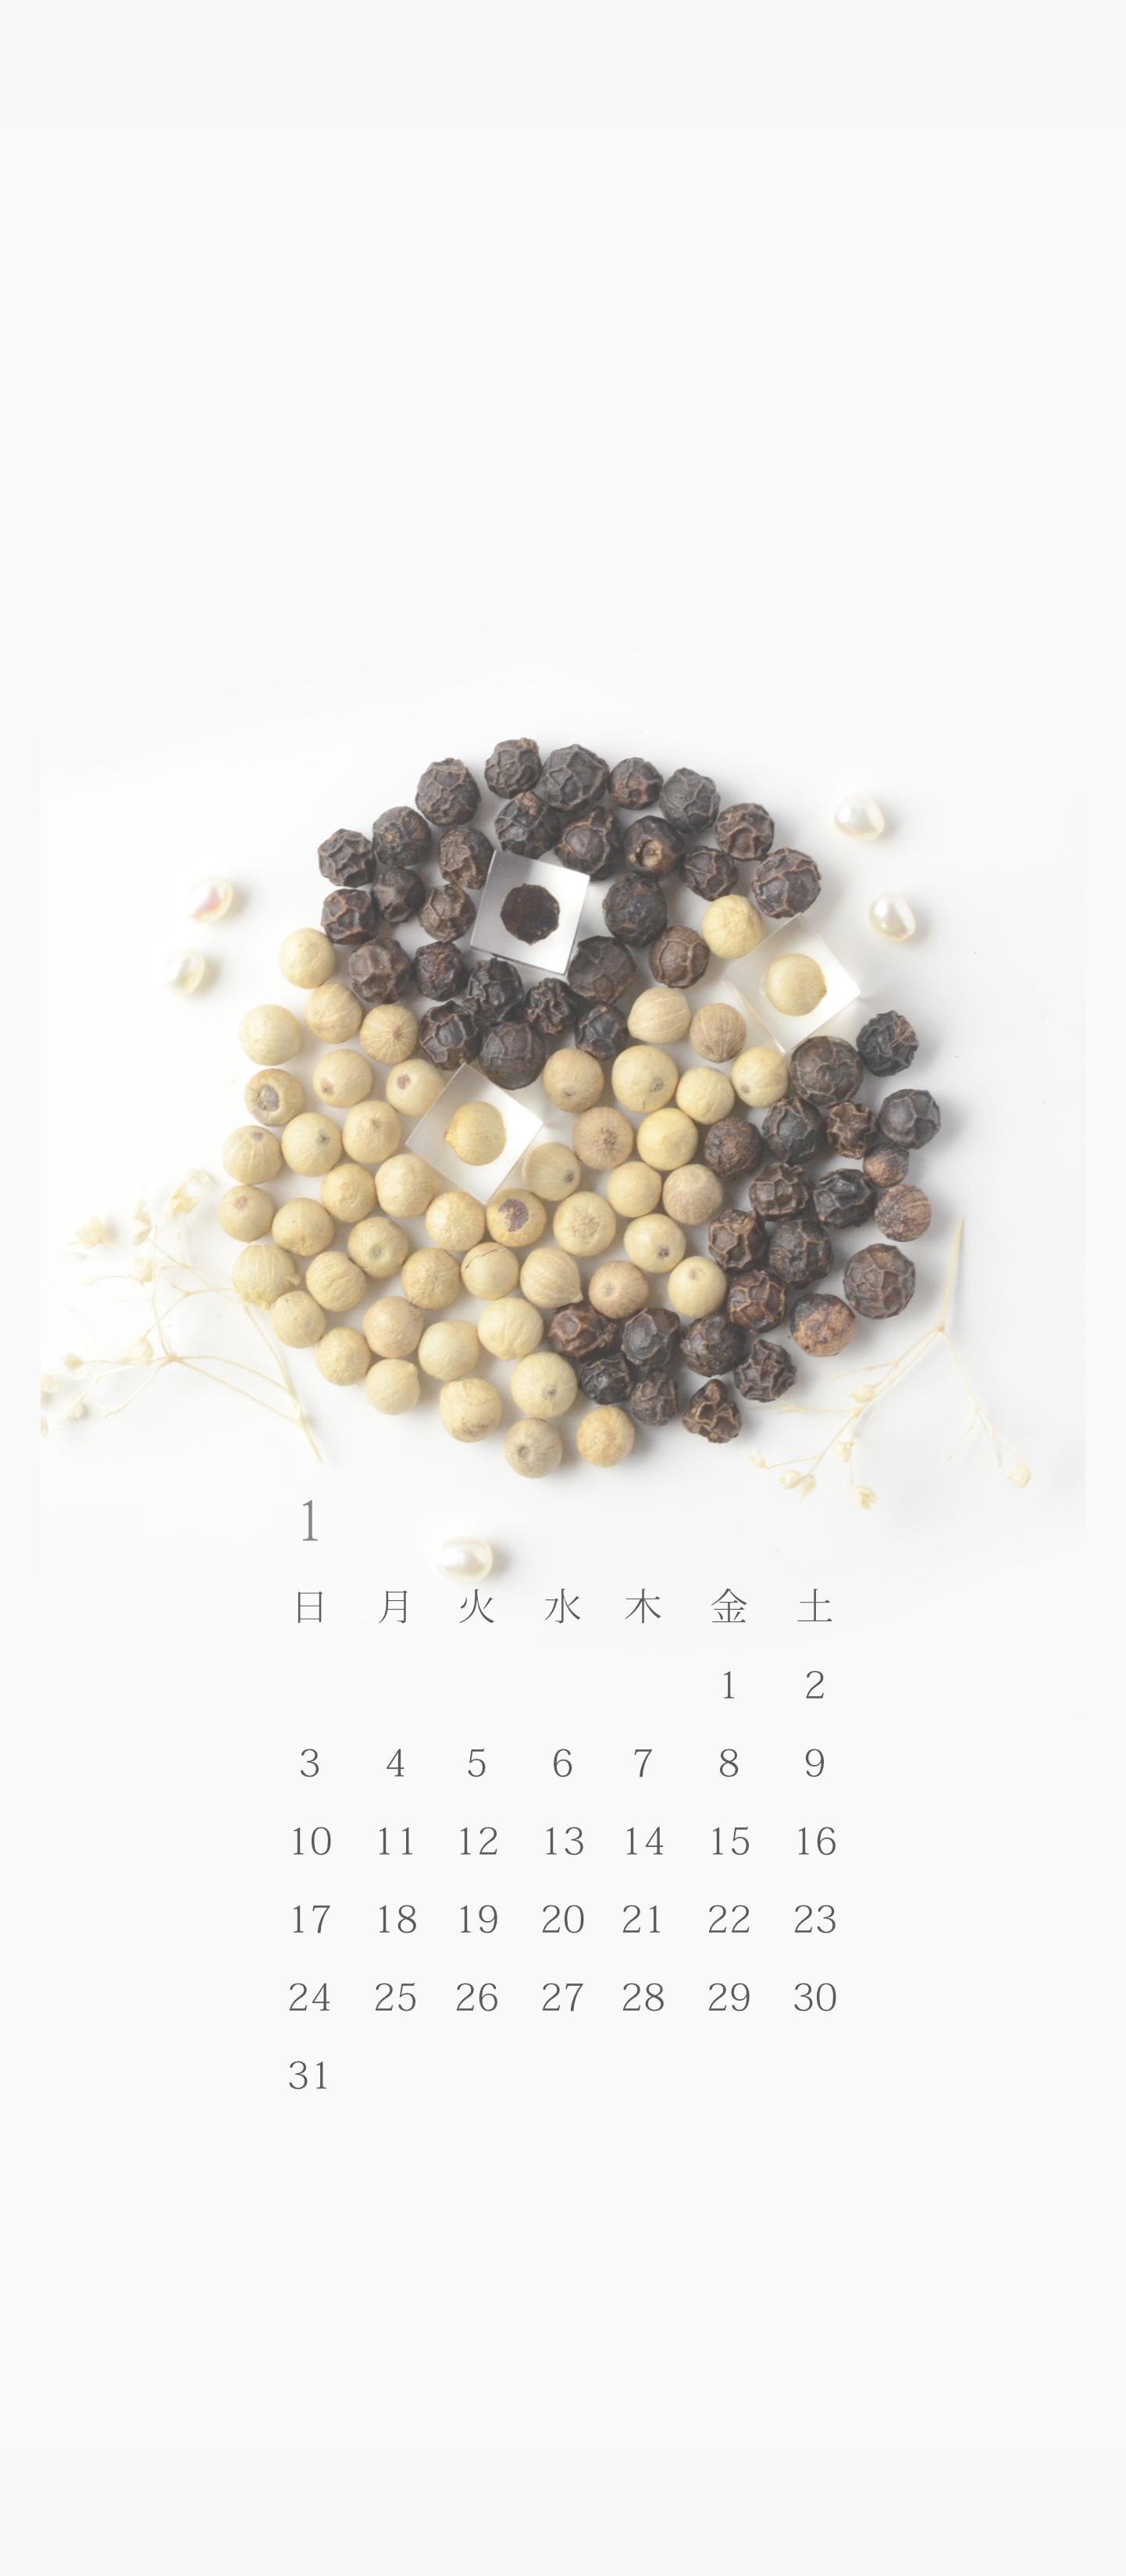 無料ロック画面カレンダー 「1月 白黒胡椒」